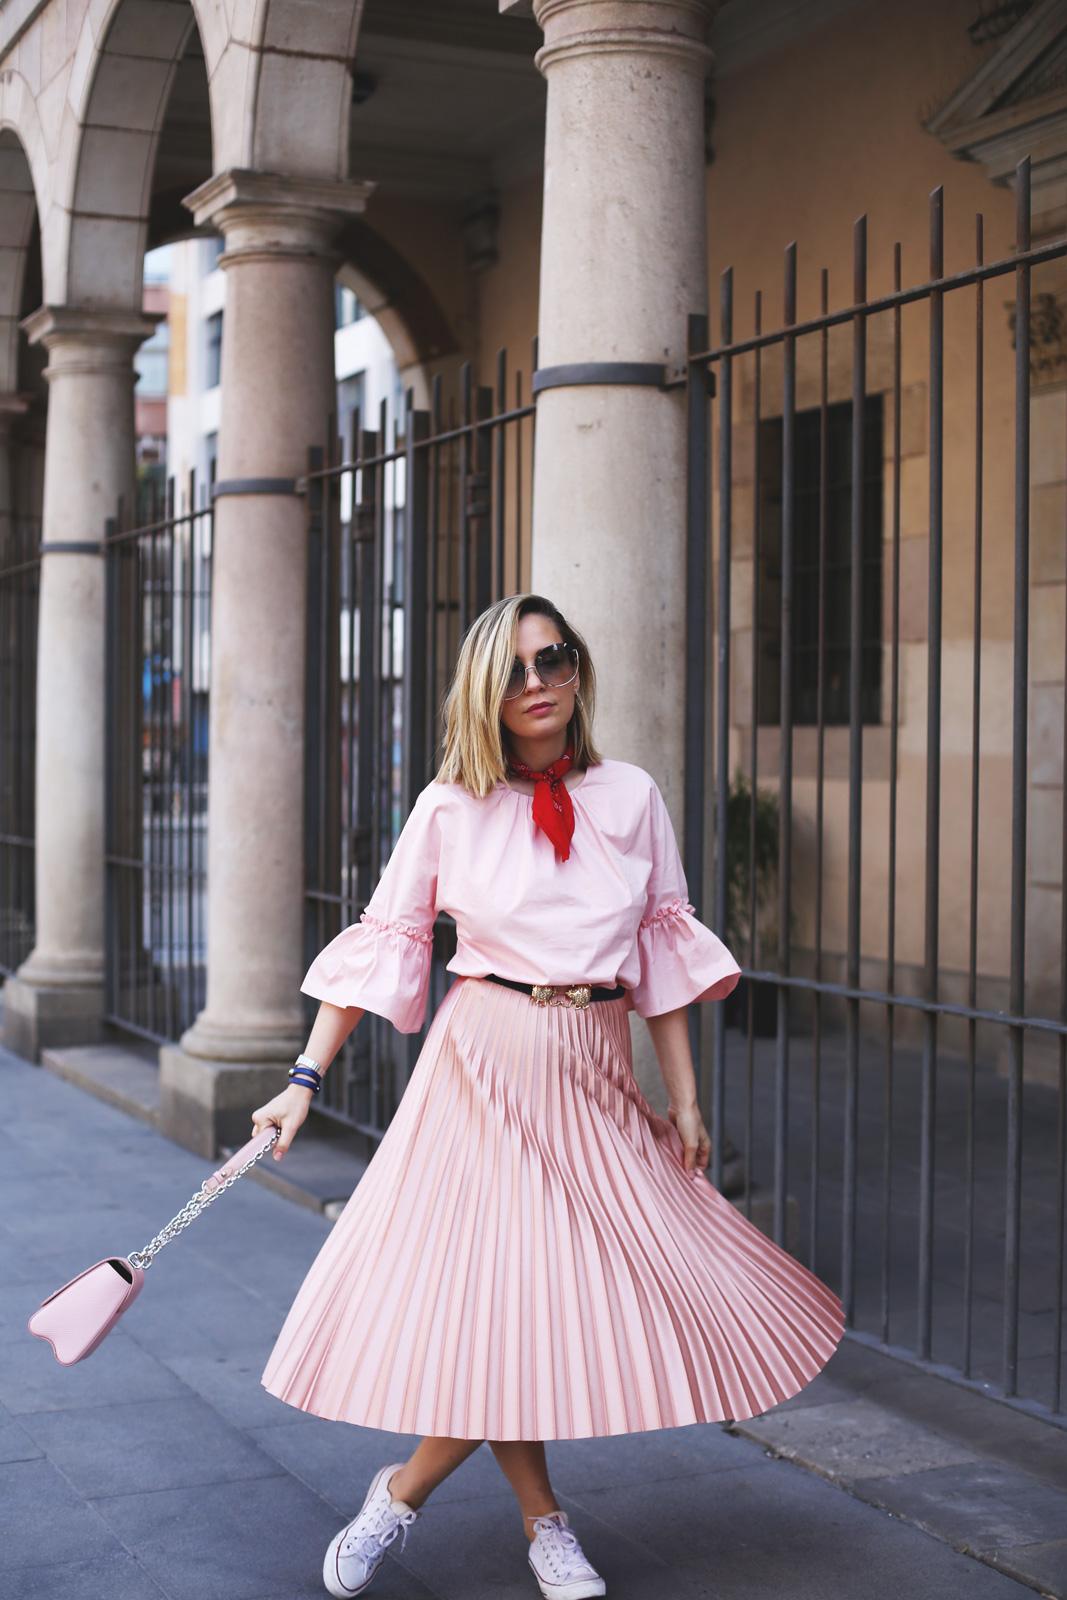 Falda plisad rosa y top con volantes